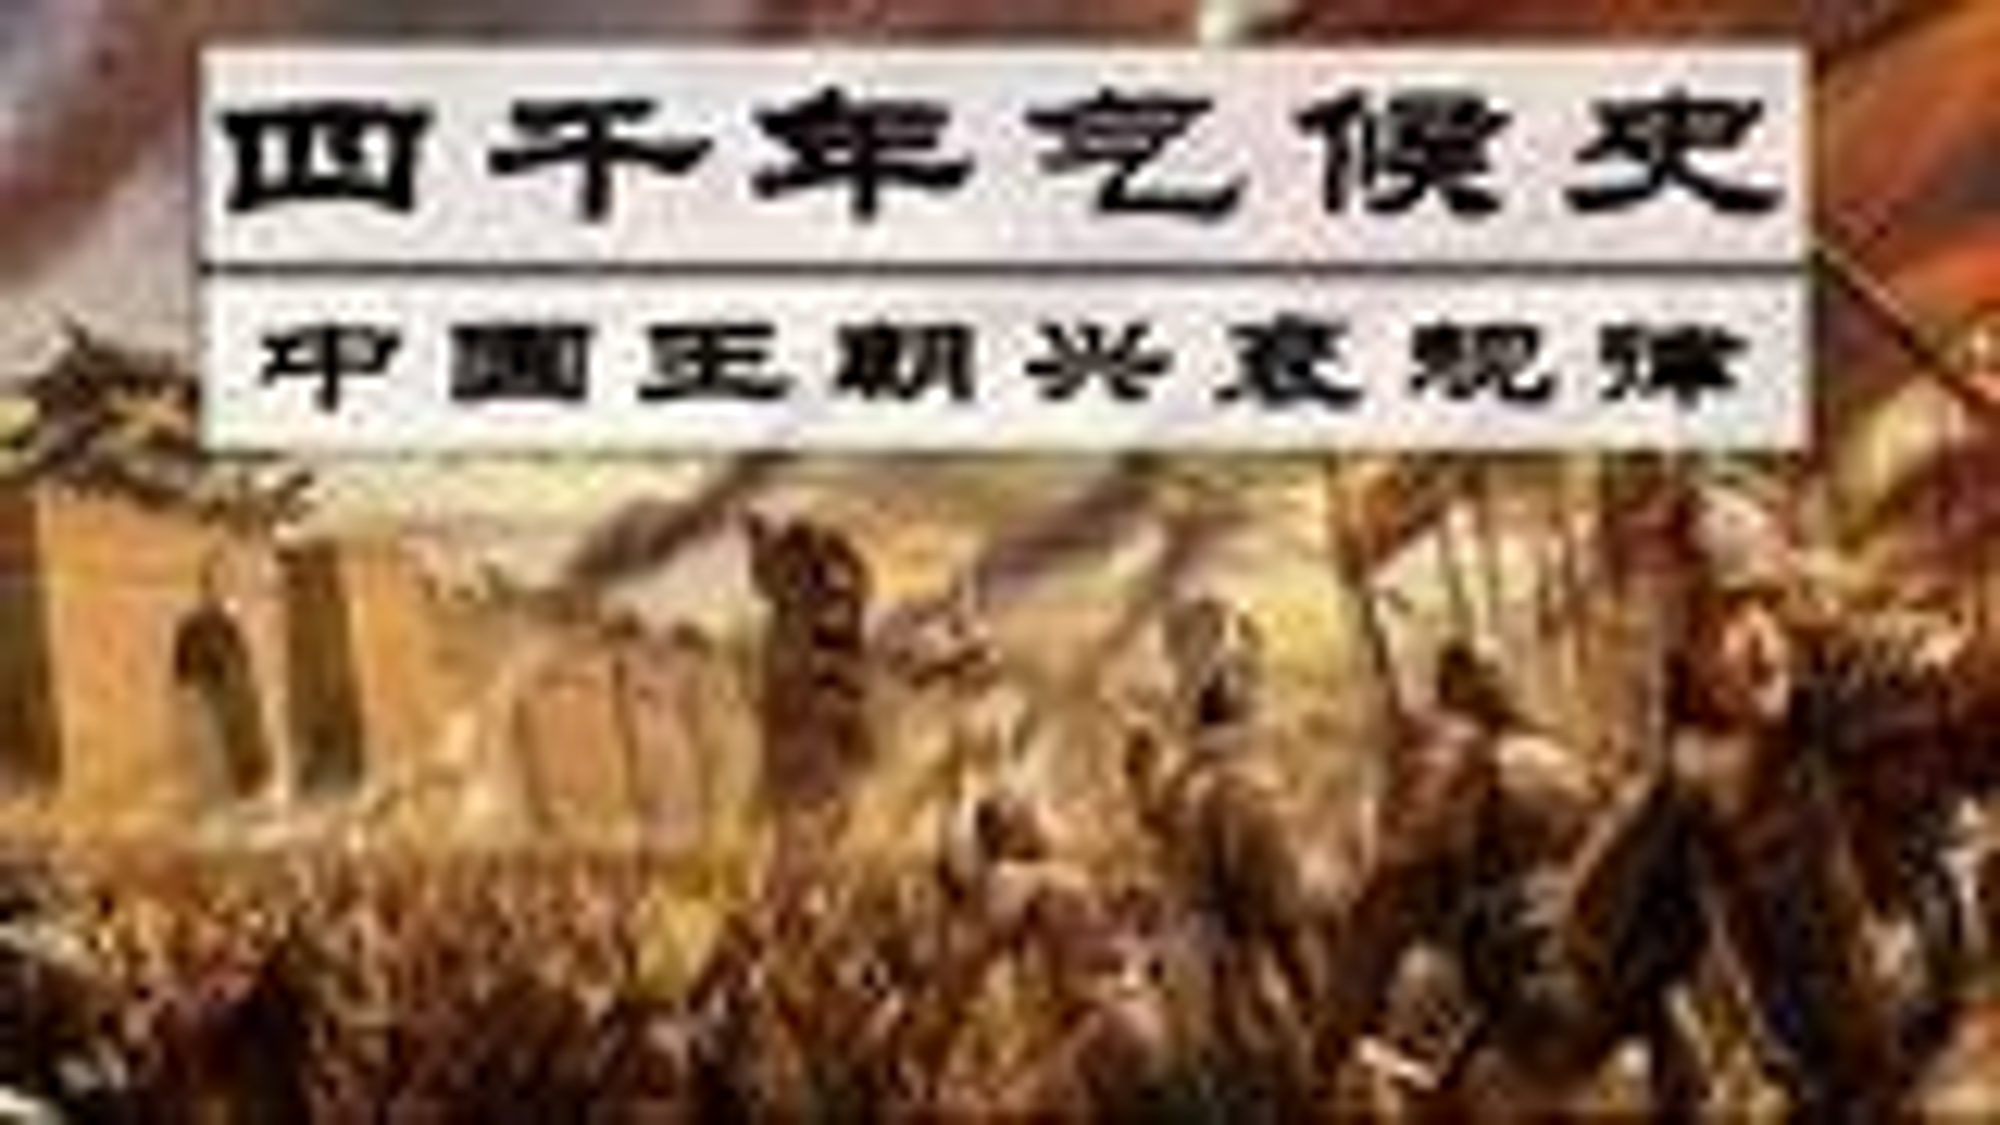 【汉武时代漫谈】28气候变化和四千年王朝兴衰规律